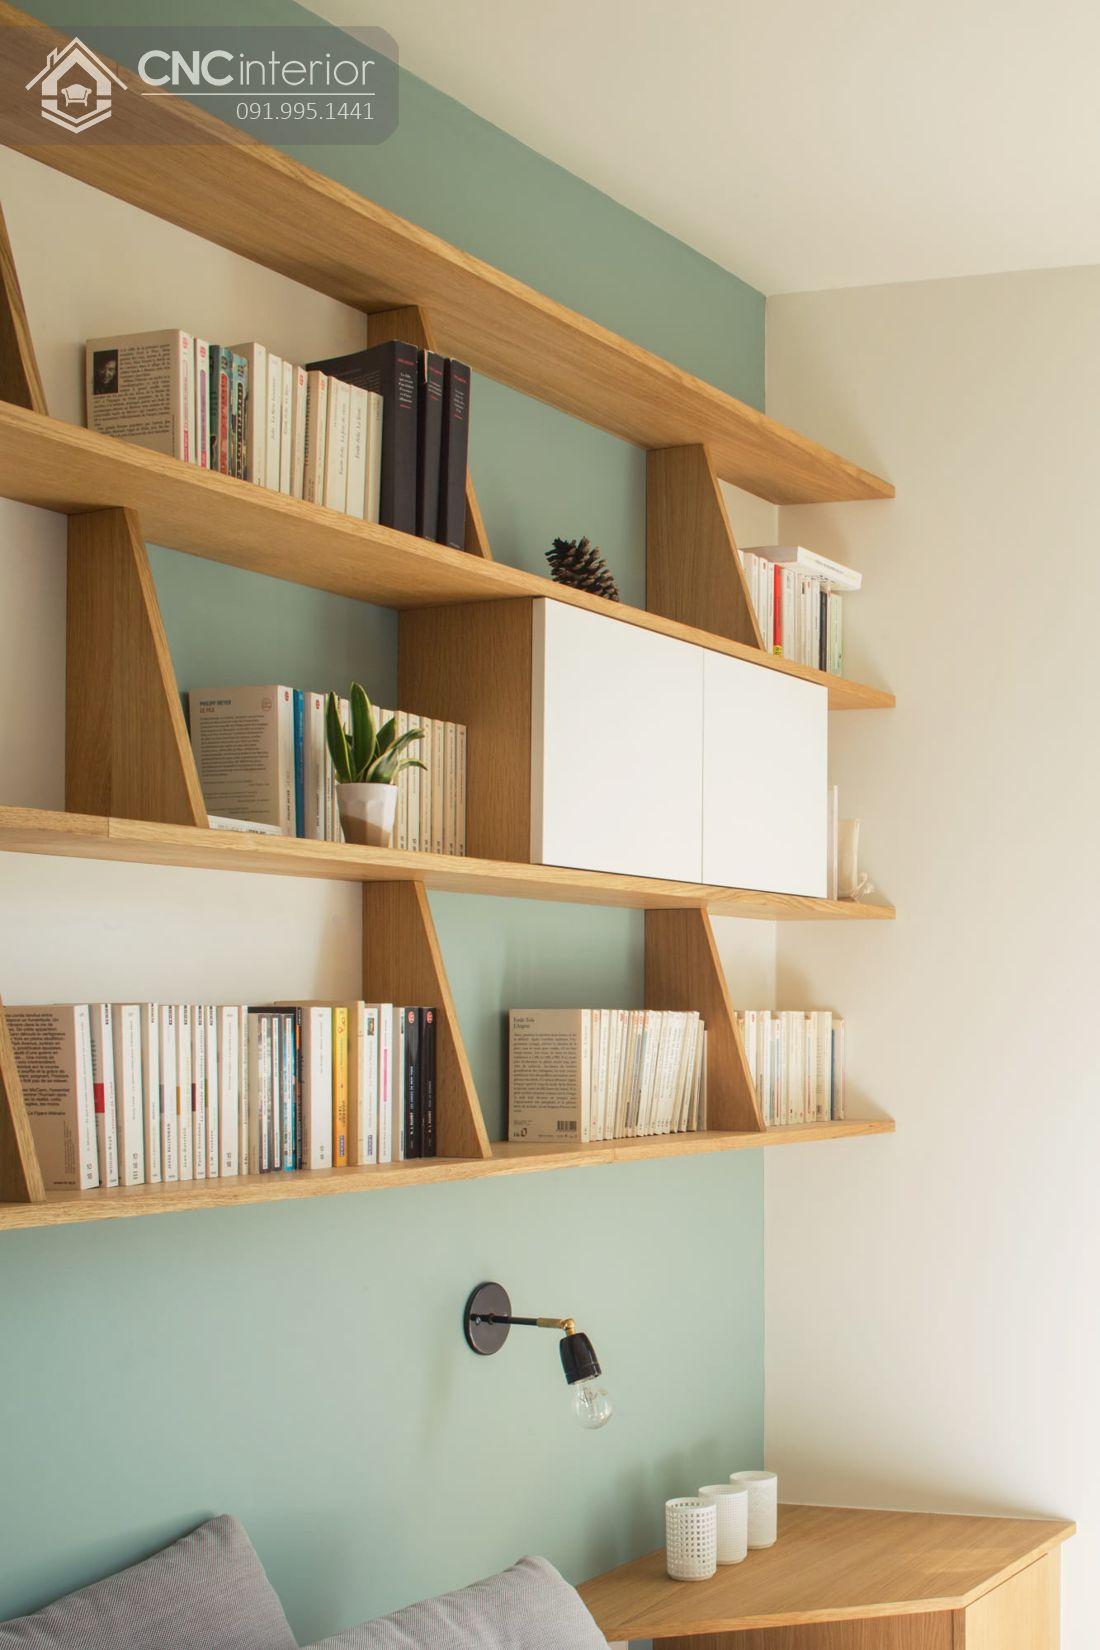 mẫu giá sách đẹp treo tường 4